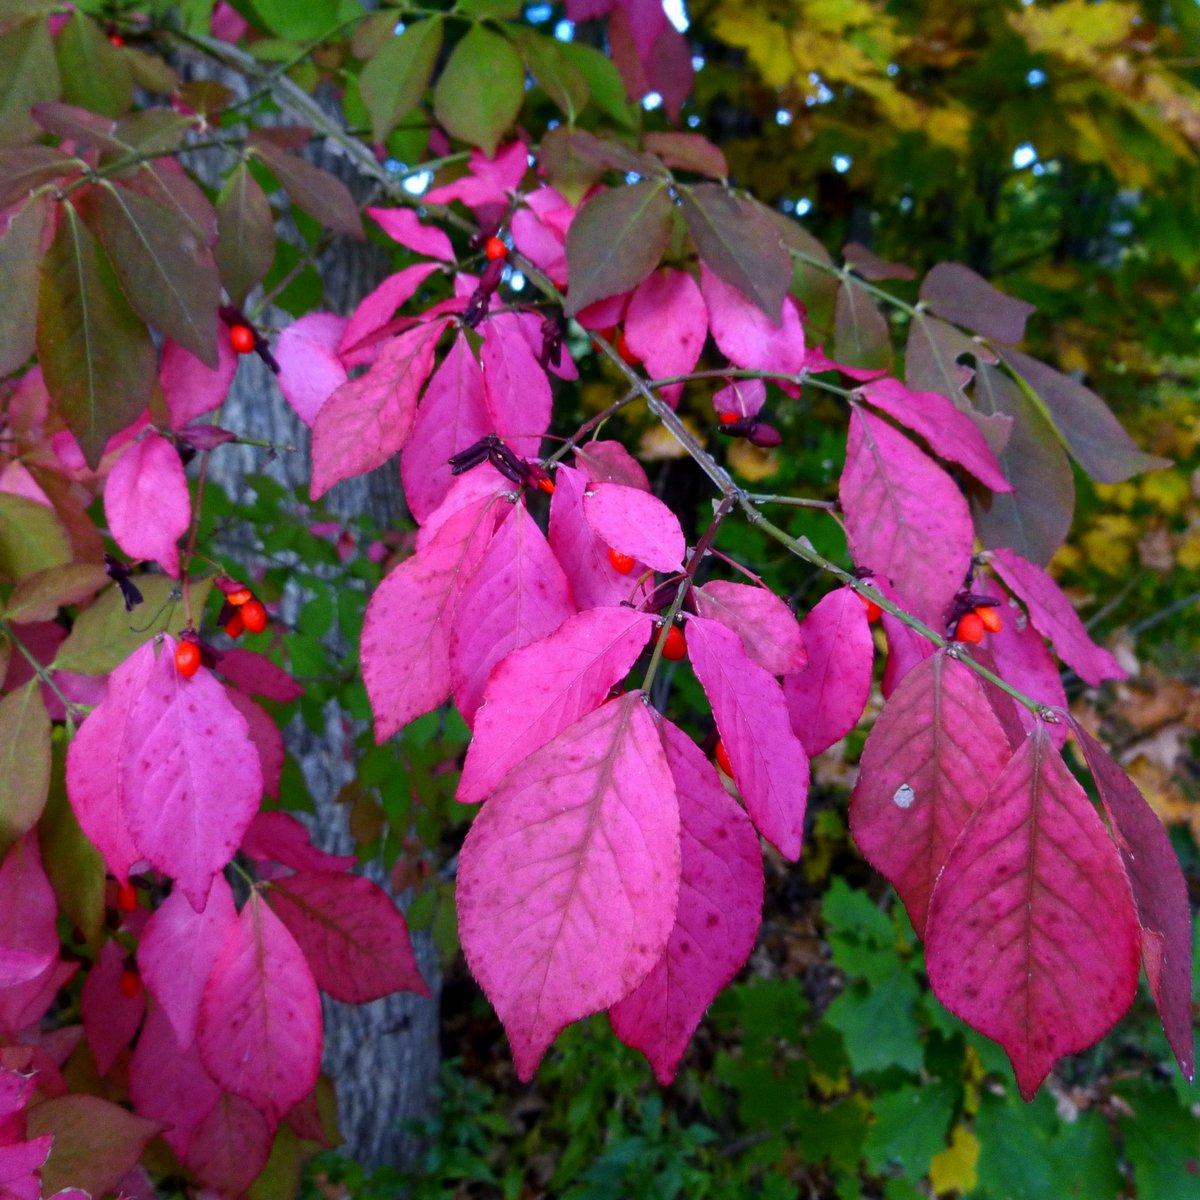 7. Burning Bush Foliage